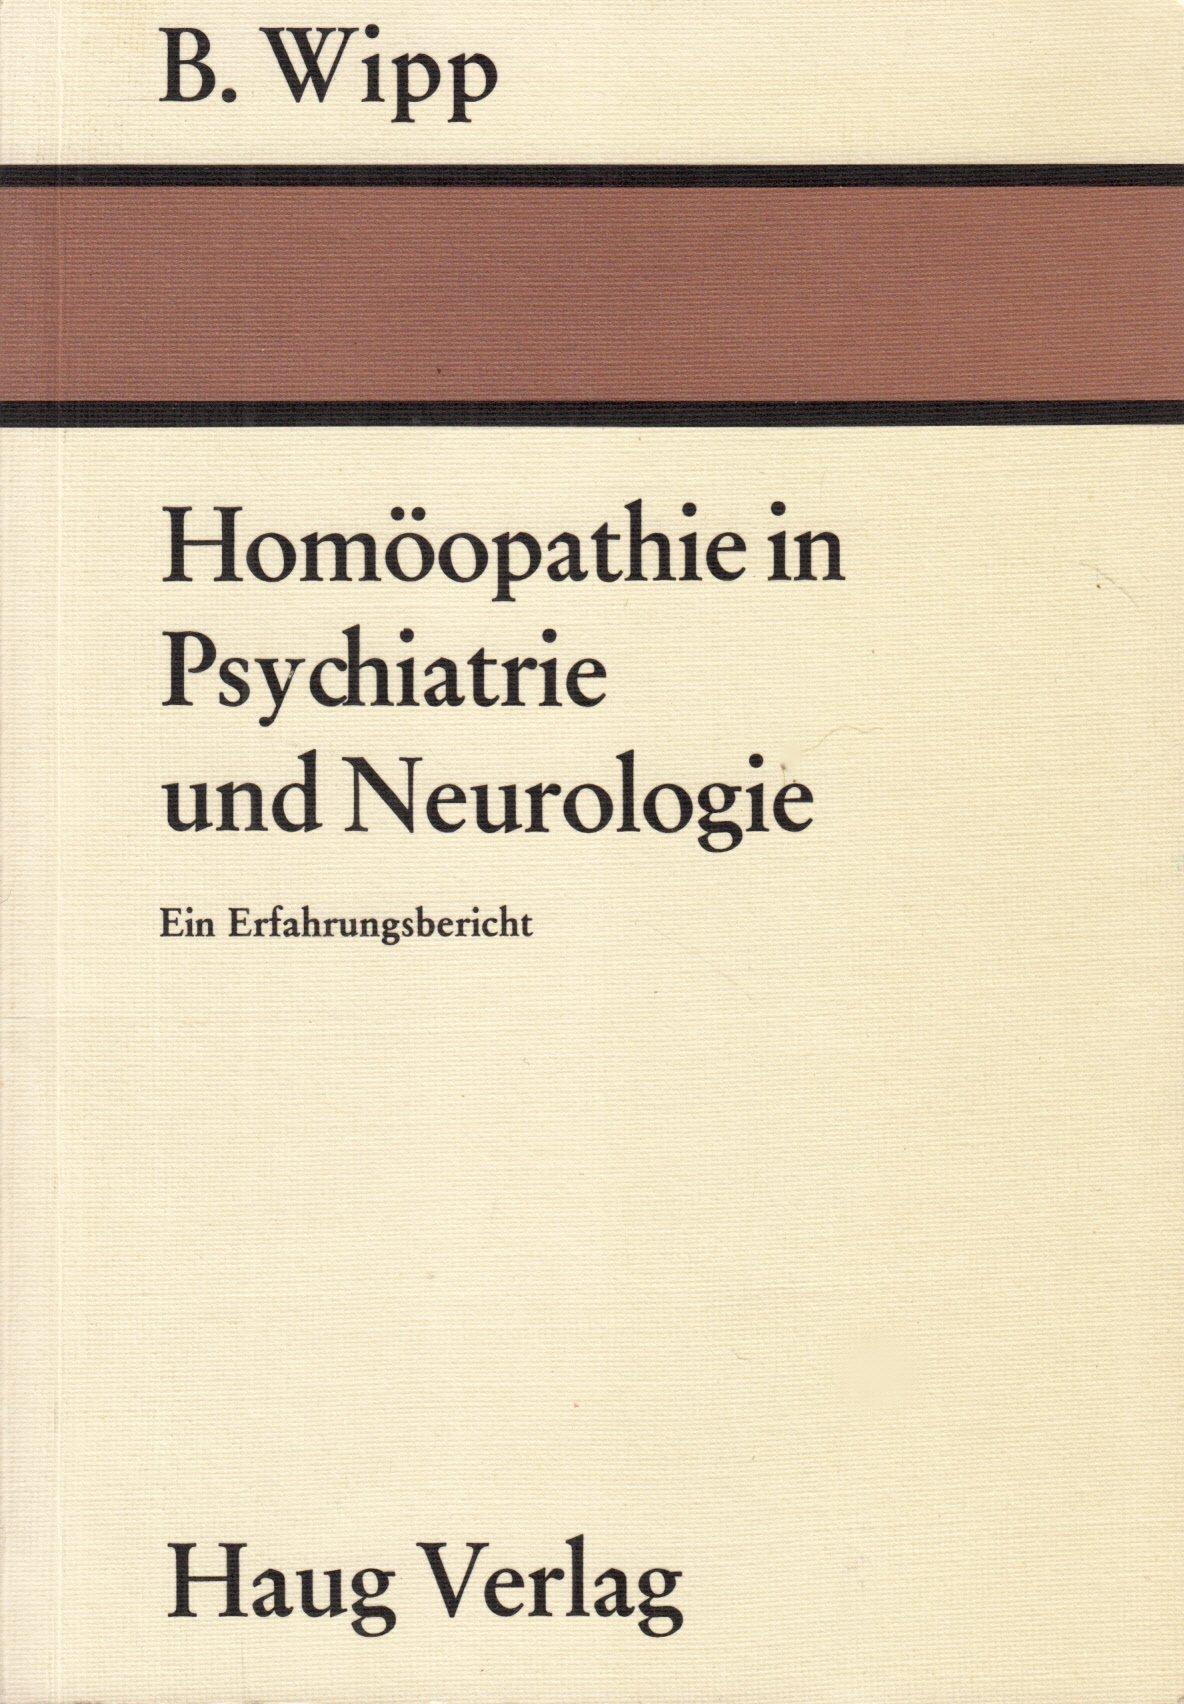 Homöopathie in Psychatrie und Neurologie. Ein Erfahrungsbericht